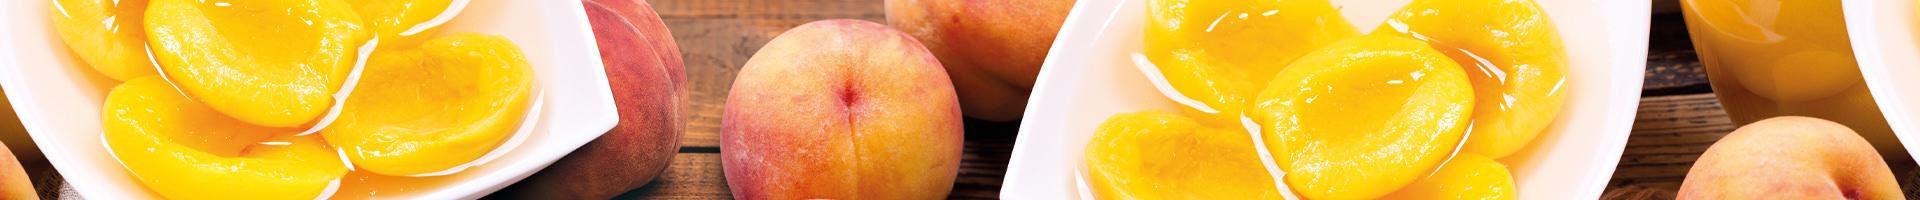 peach-halves-banner